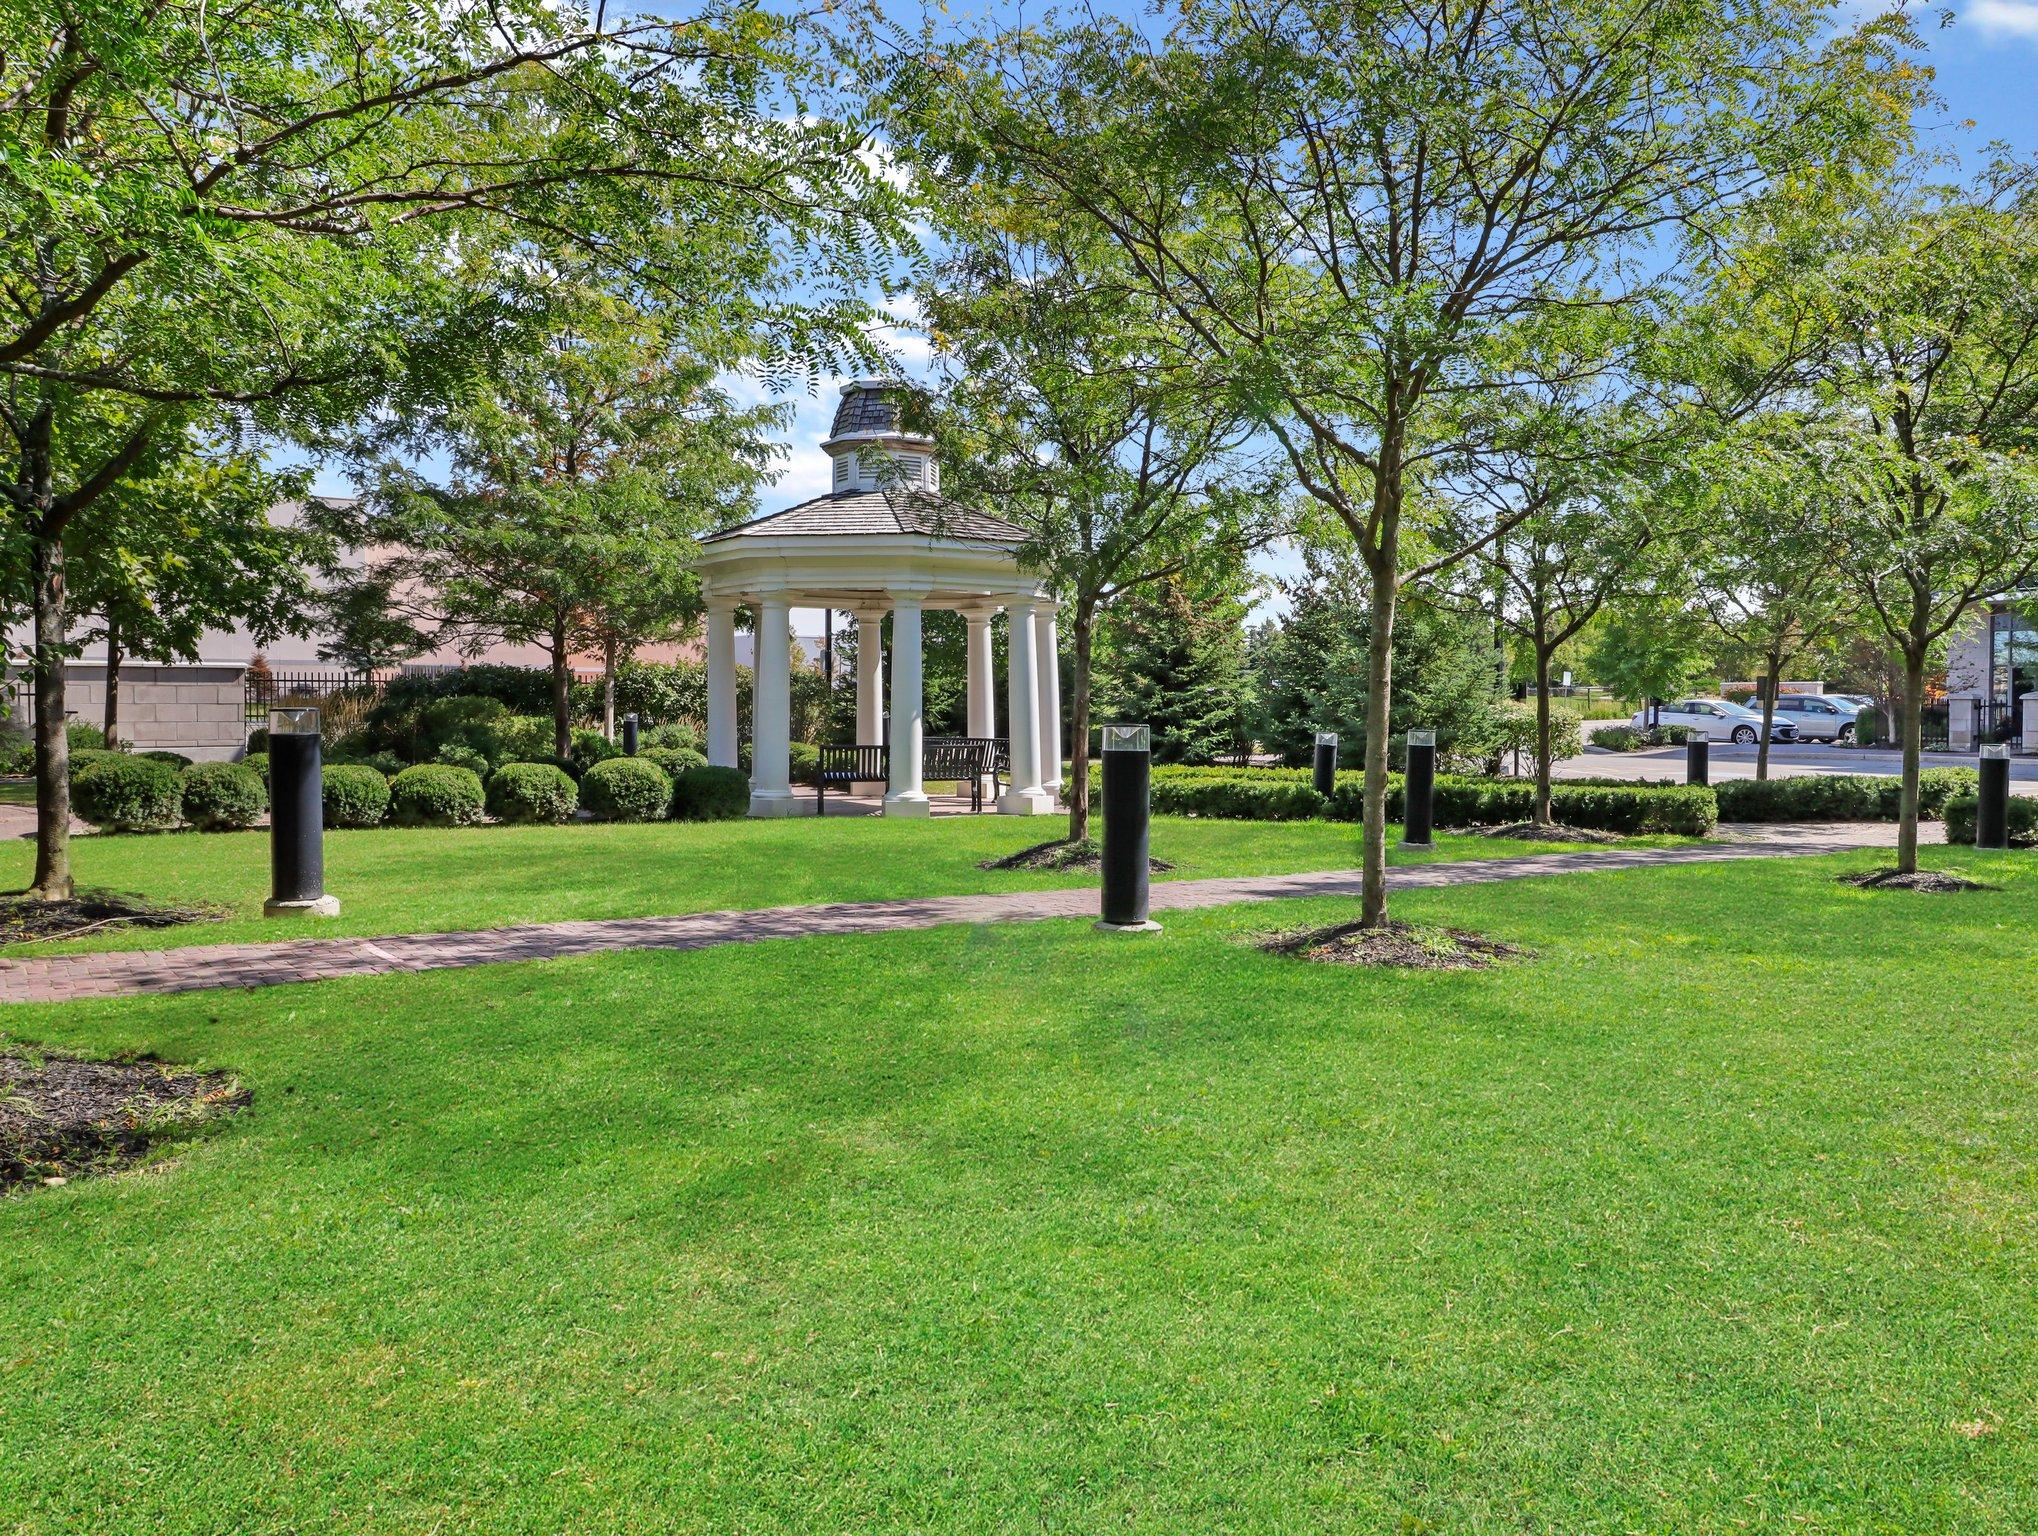 111 Civic Square Gate, Aurora, ON L4G 7E3, Canada Photo 22